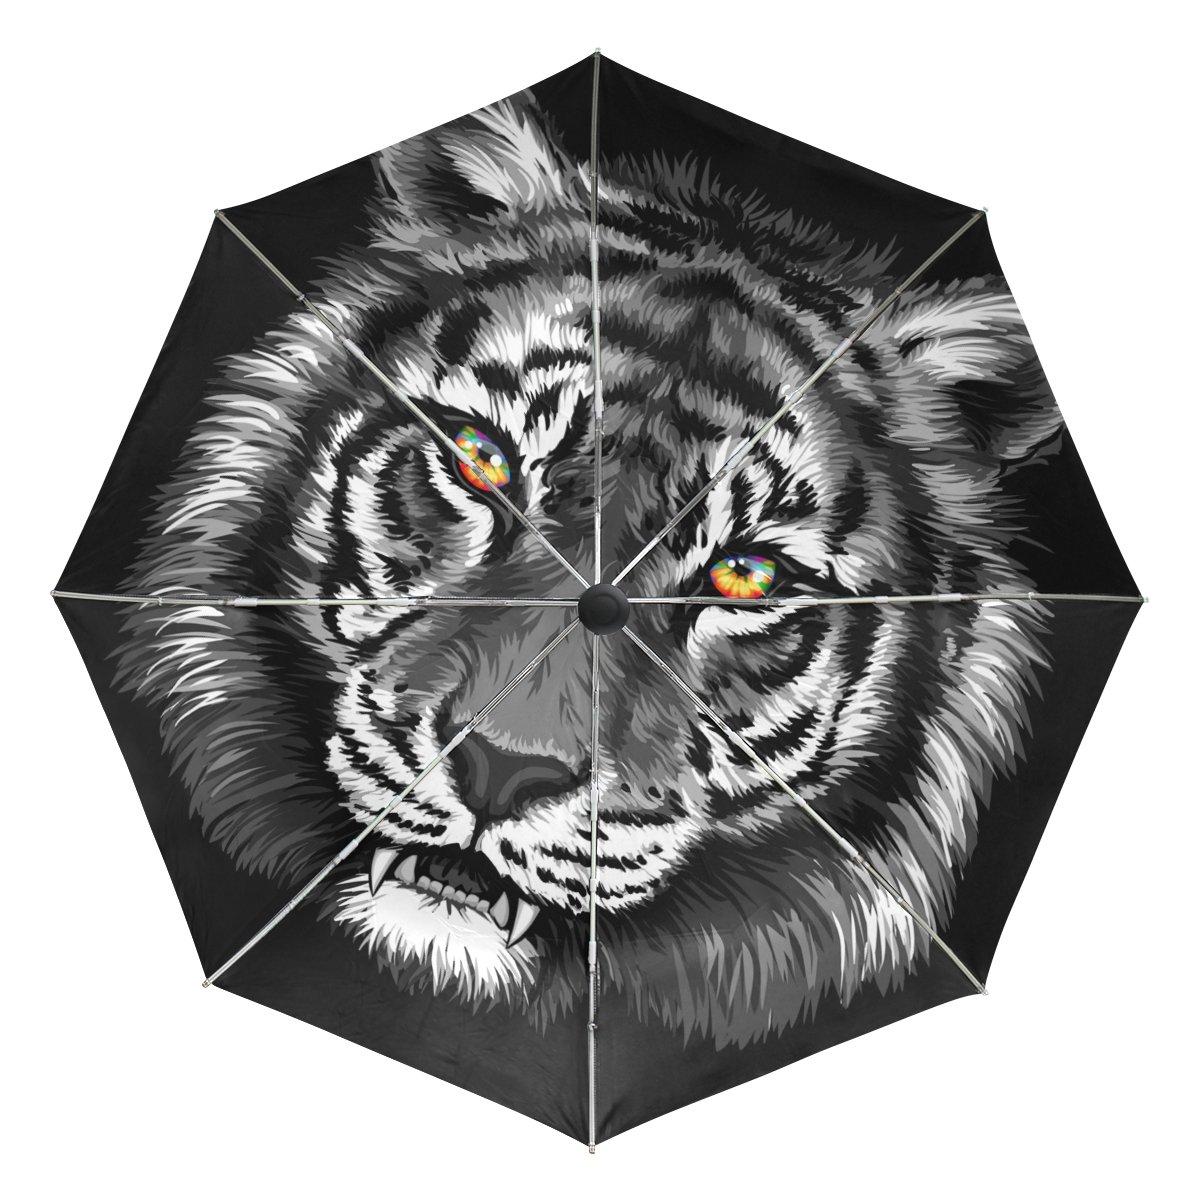 Bennigiry Tiger - Paraguas de viaje compacto resistente al viento y al agua, con cierre automático, plegable, resistente, ligero, fácil de transportar para ...